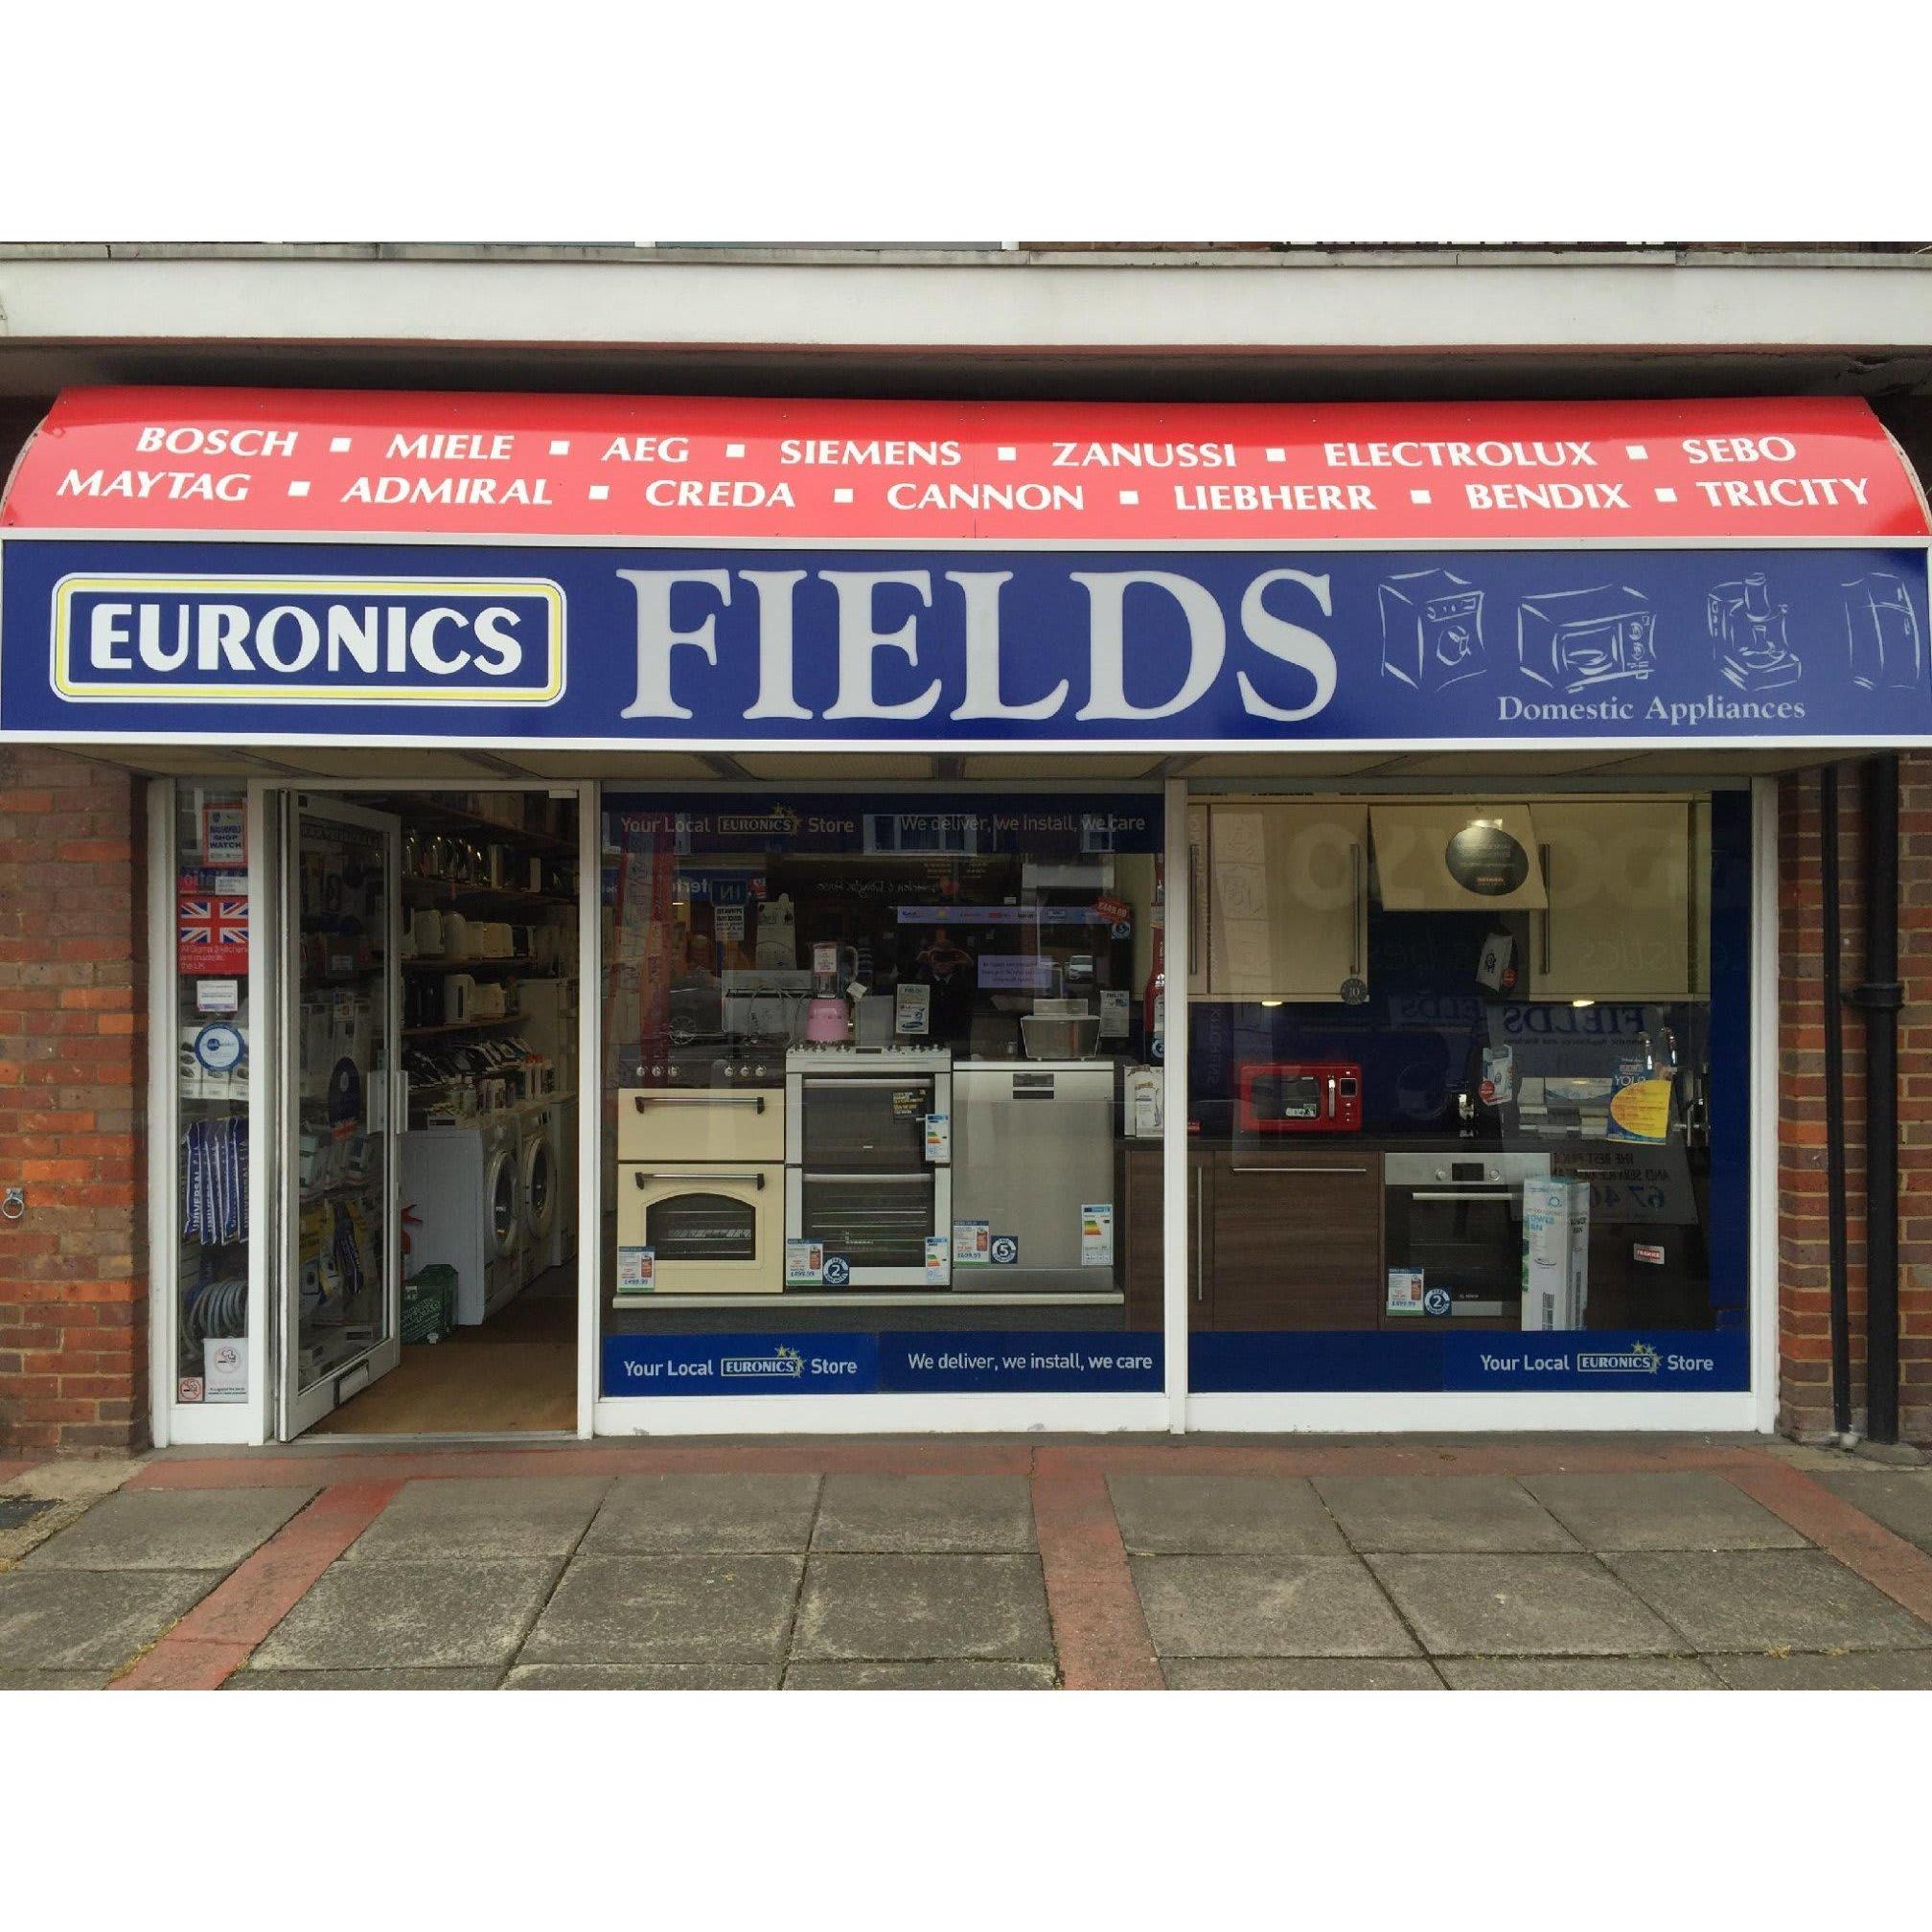 Fields Domestic Appliances